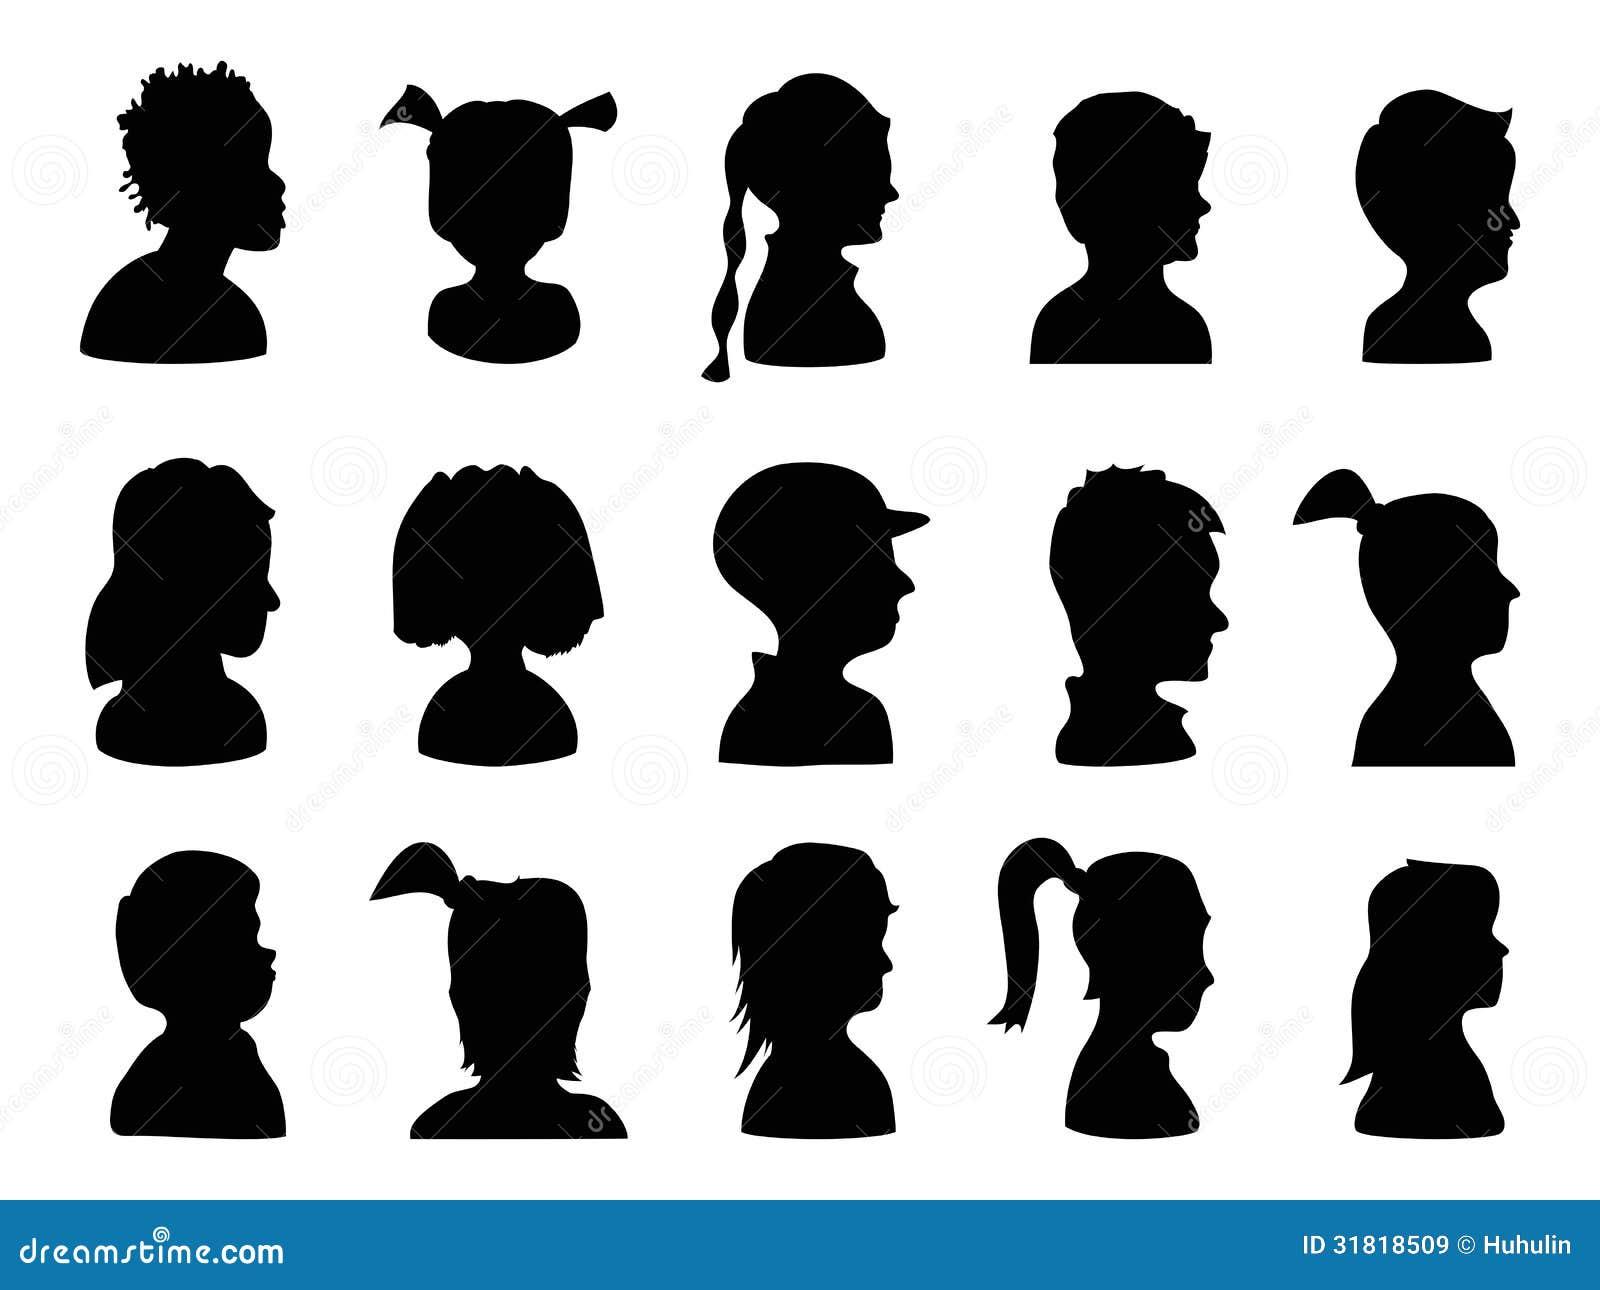 Kinderprofil schattenbilder vektor abbildung - Schattenbilder kinder ...